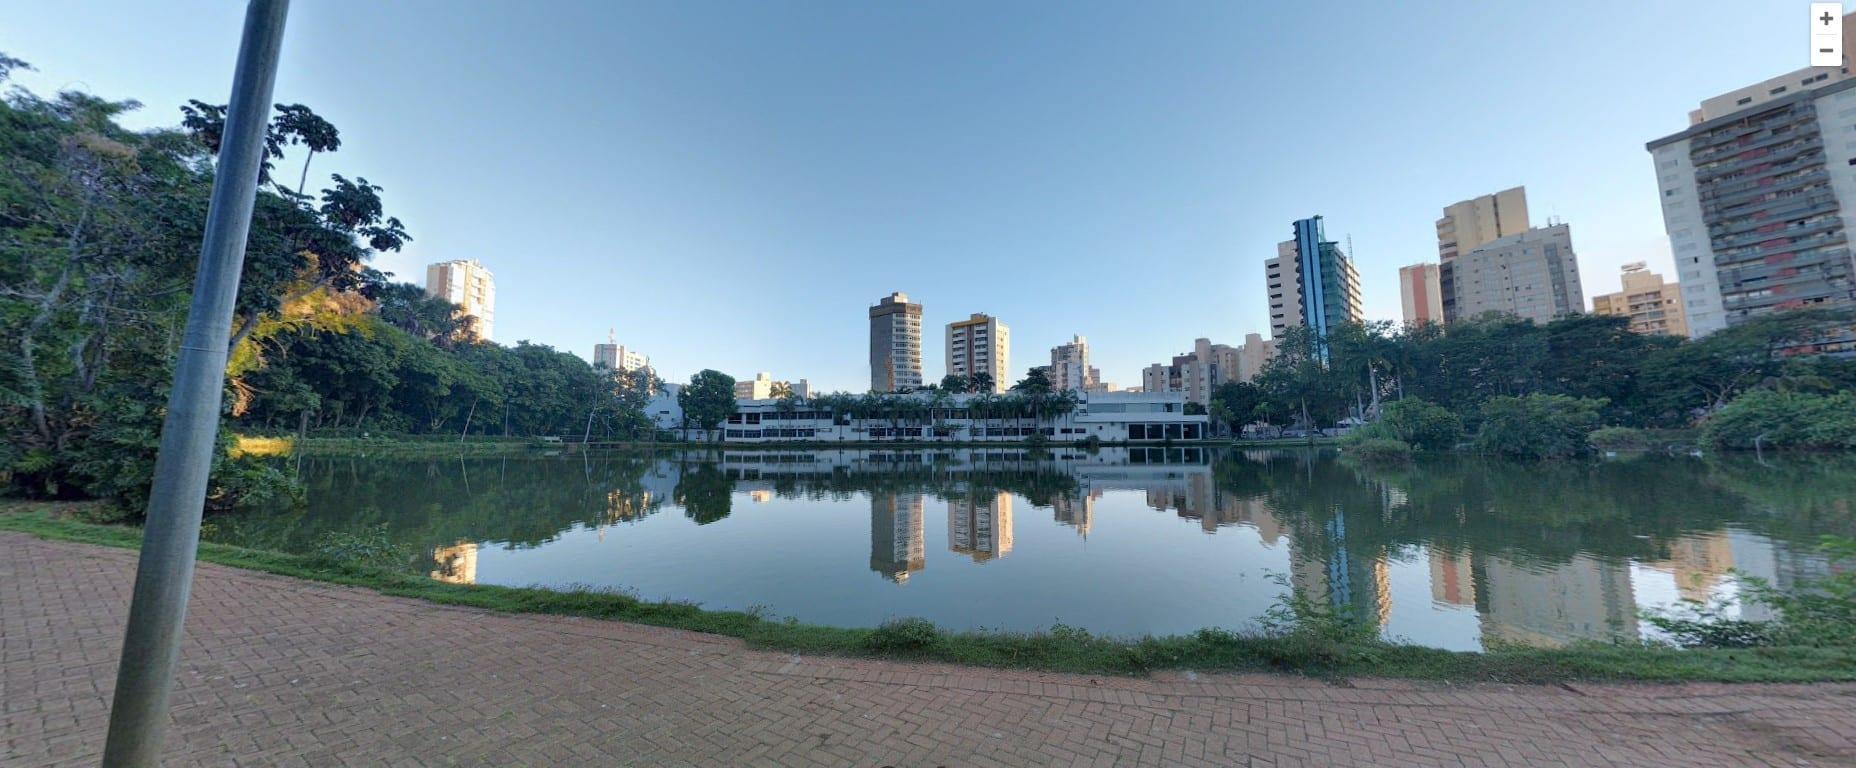 Férias em Goiânia: 10 lugares para quem vai passar pela capital